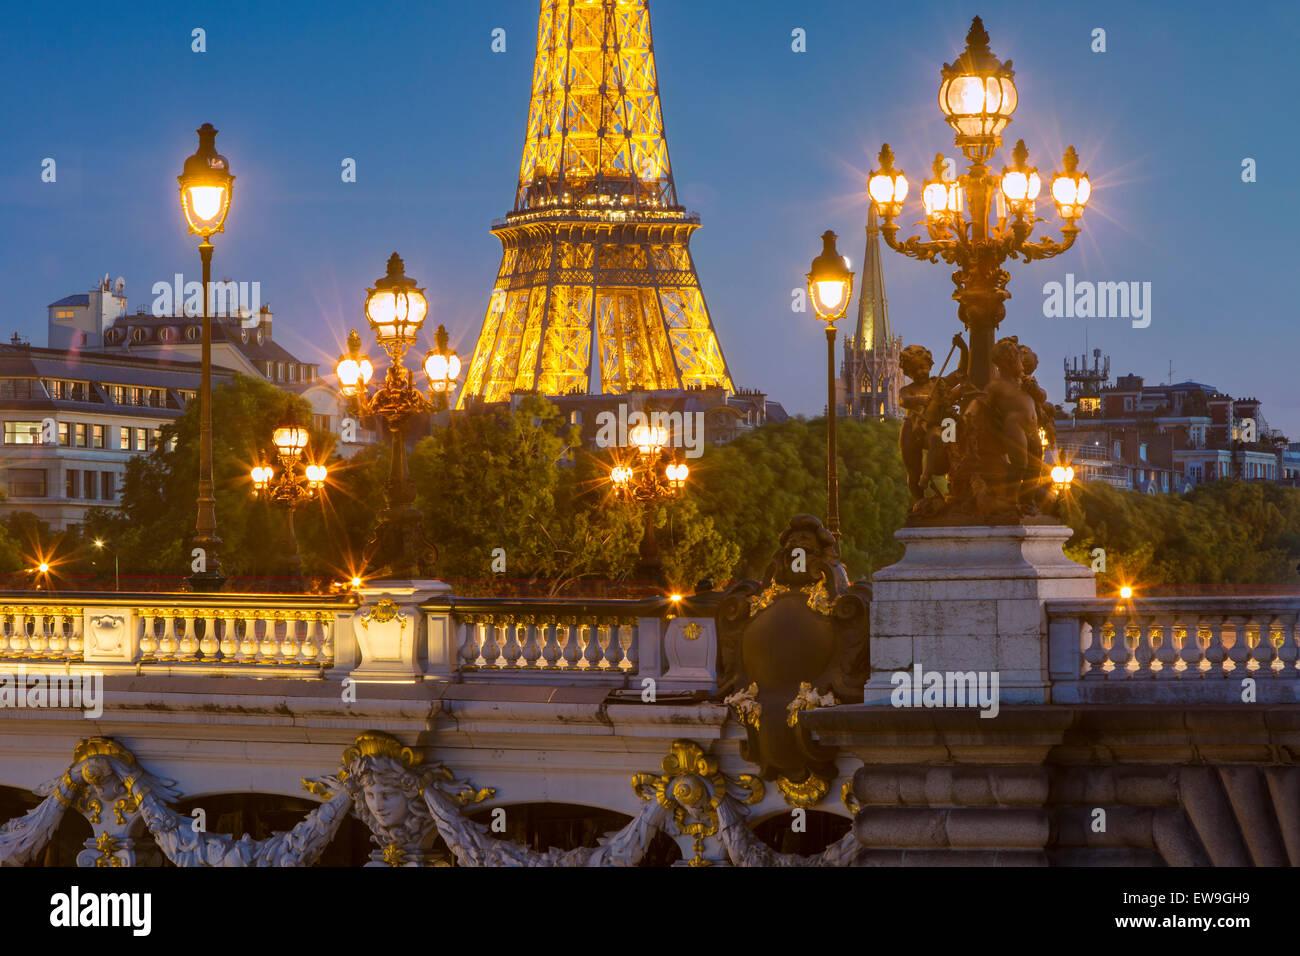 Plus de crépuscule lumières de Pont Alexandre III à la Tour Eiffel au-delà, Paris, Ile-de-France, Photo Stock